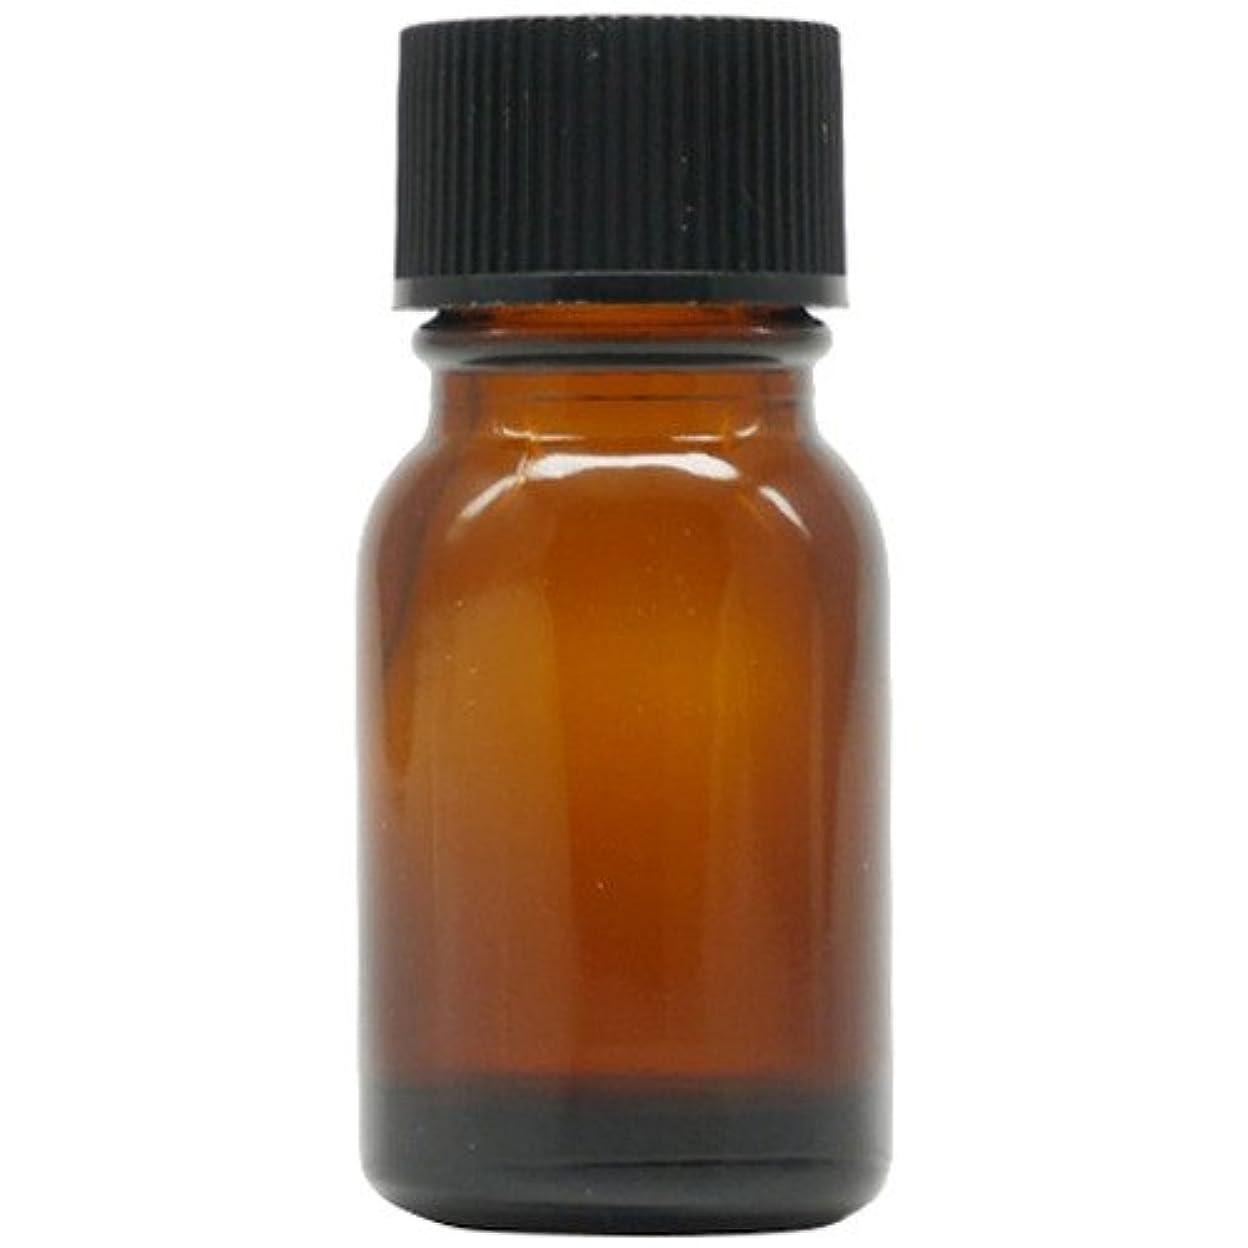 含む胚ハグアロマアンドライフ (D)茶瓶中止栓10ml 3本セット